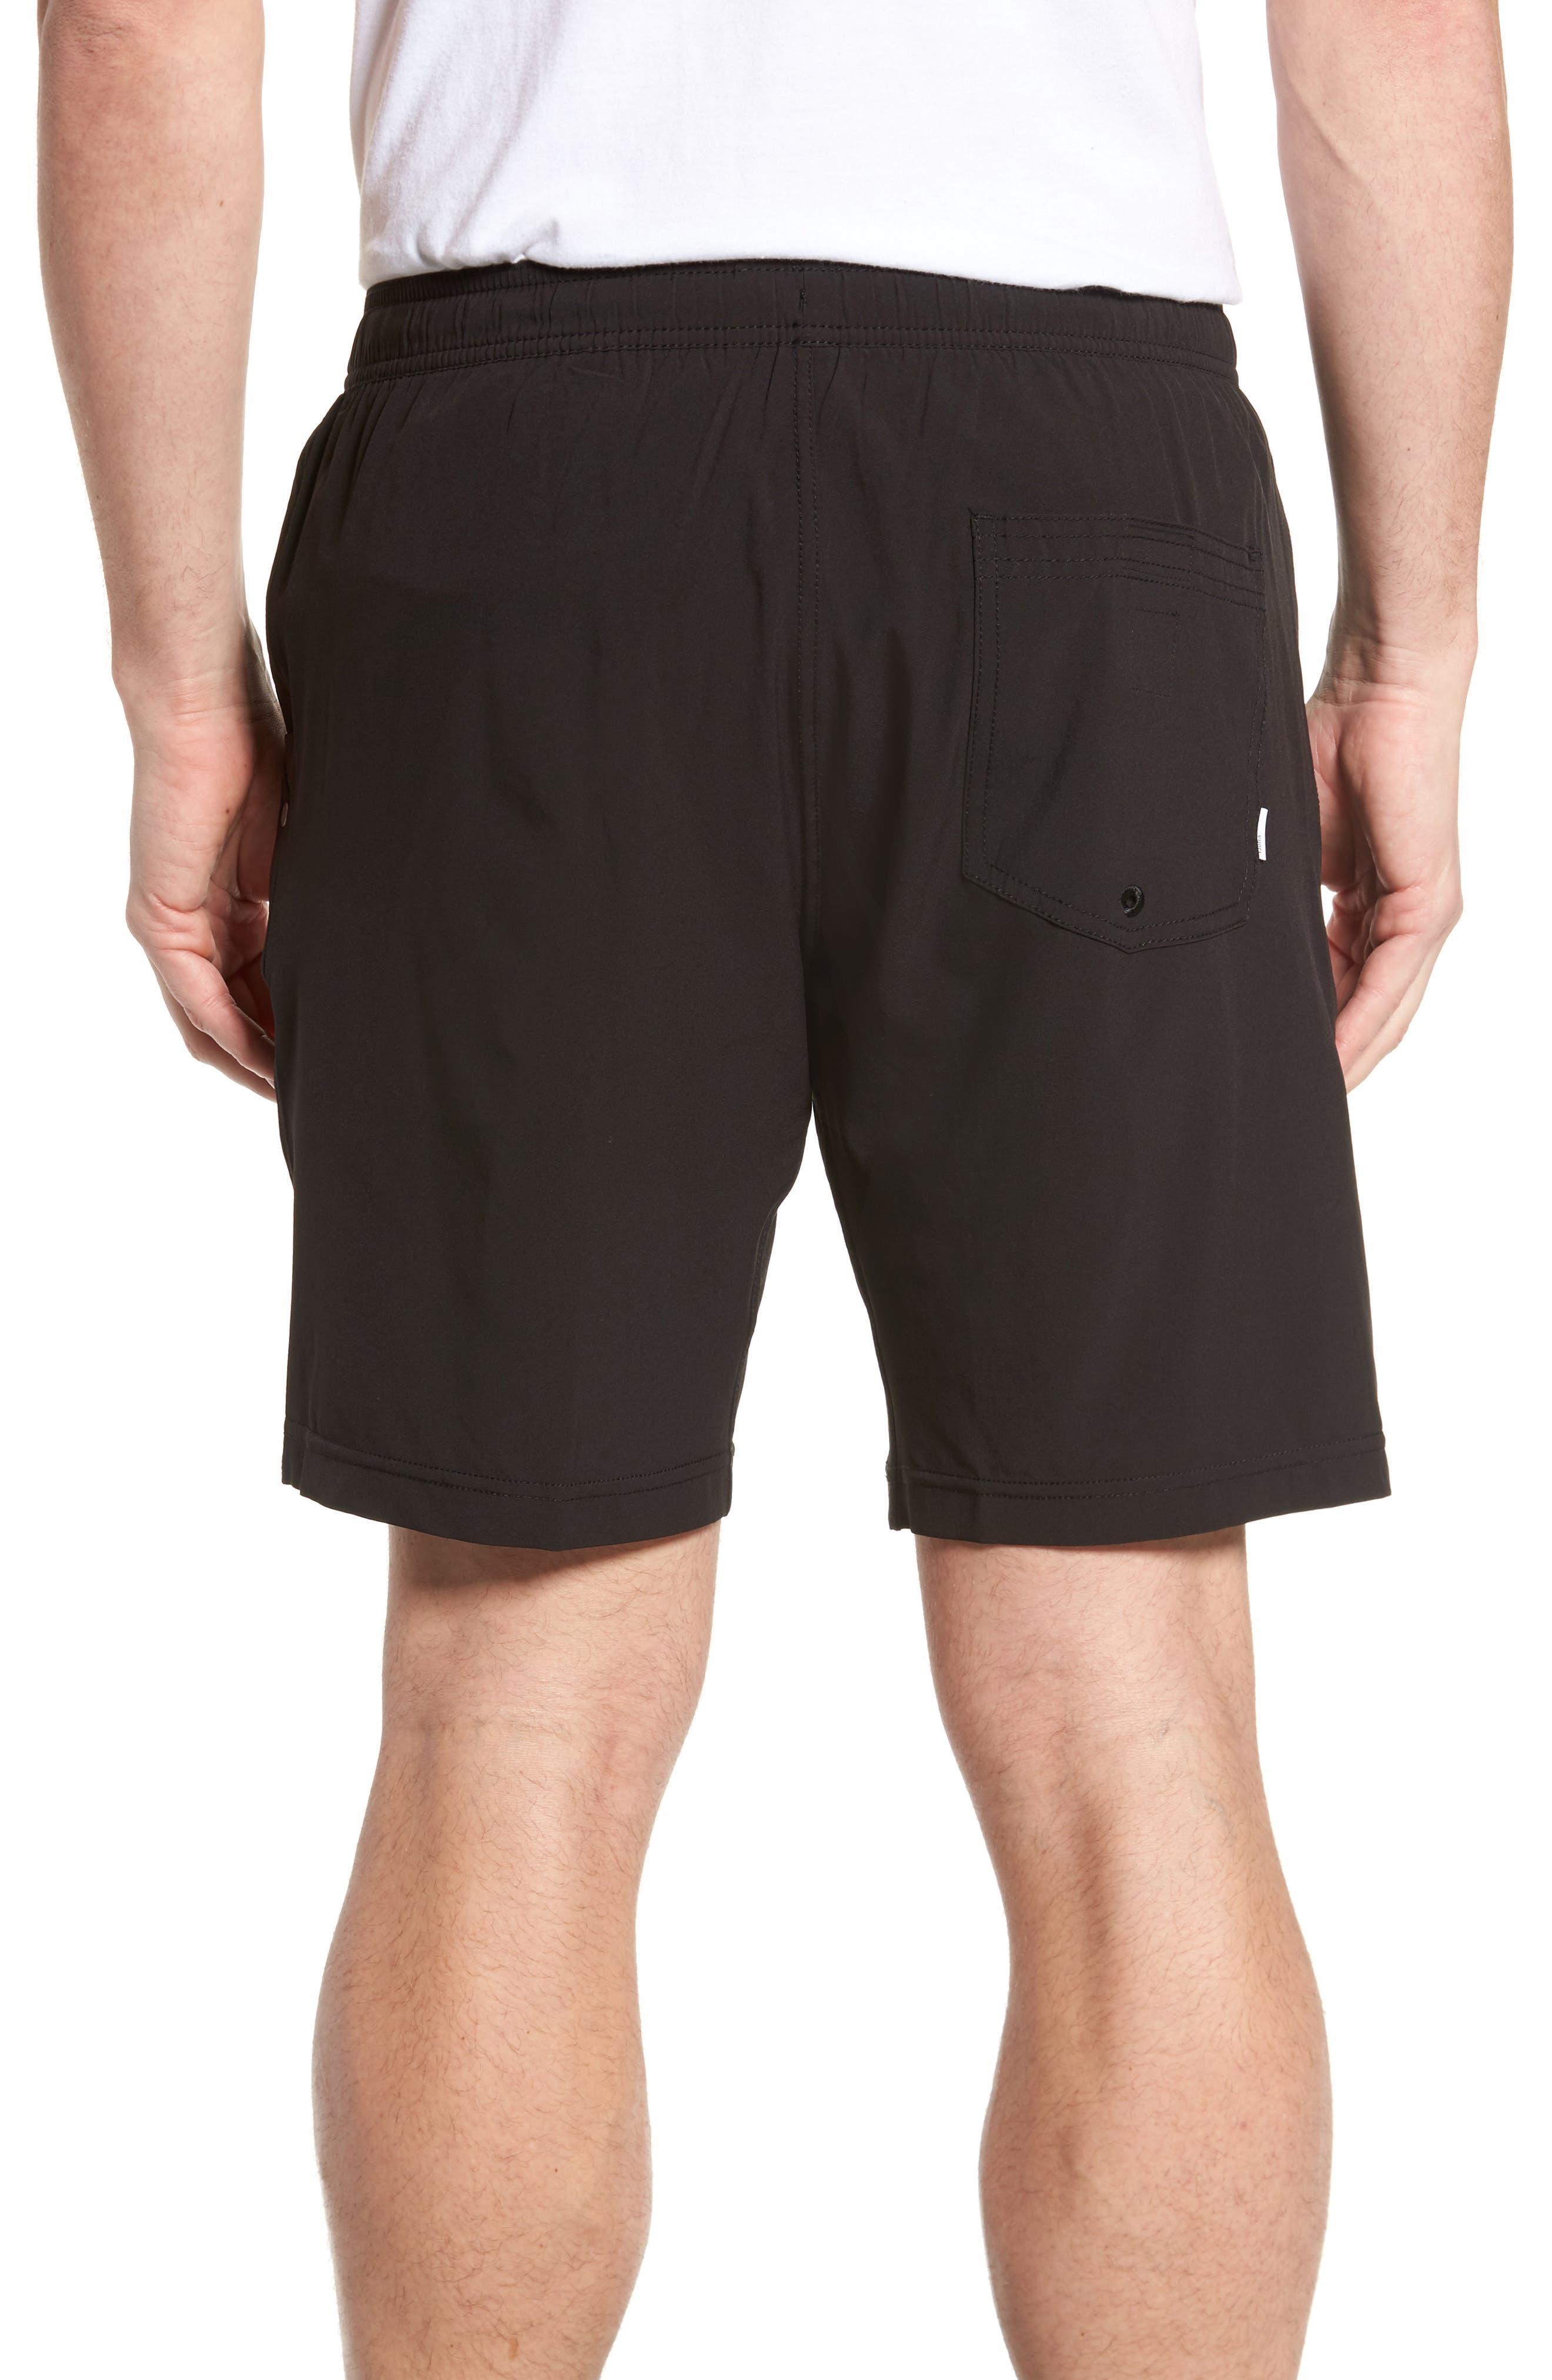 Kore Shorts,                             Alternate thumbnail 2, color,                             BLACK